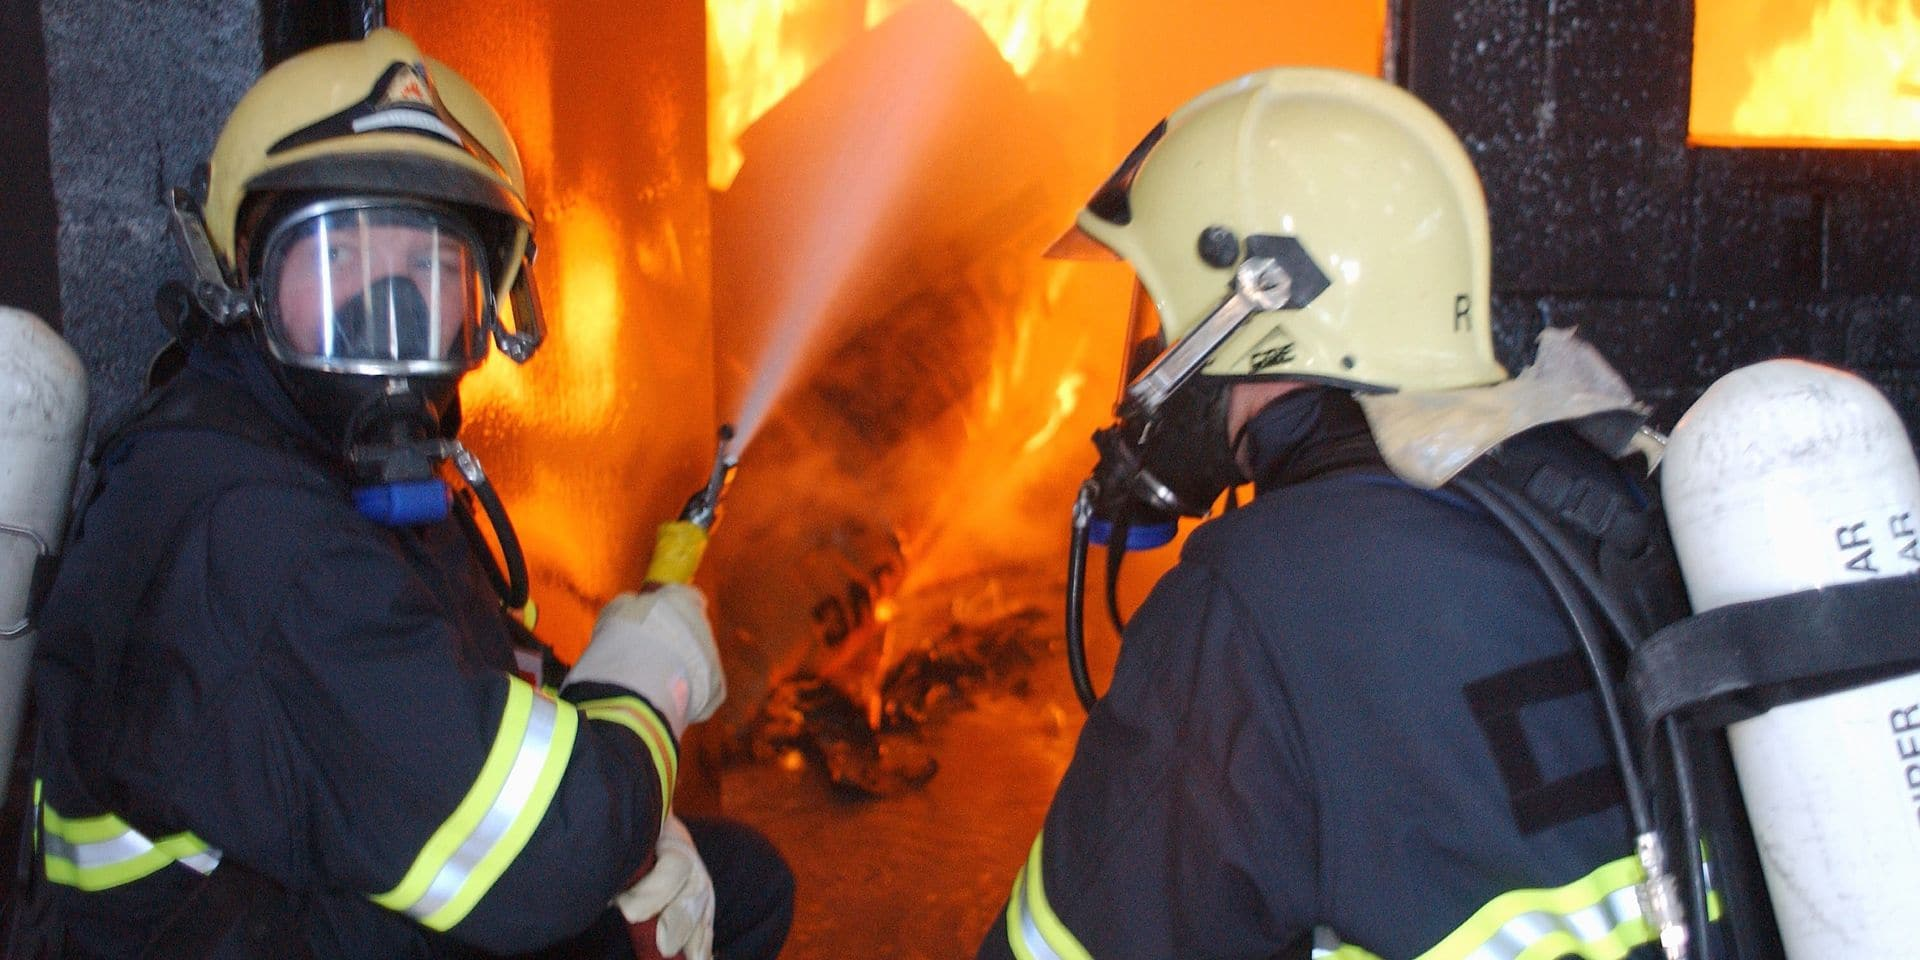 Incendie à Seraing: aucune victime n'est à déplorer, une cigarette à l'origine du sinistre